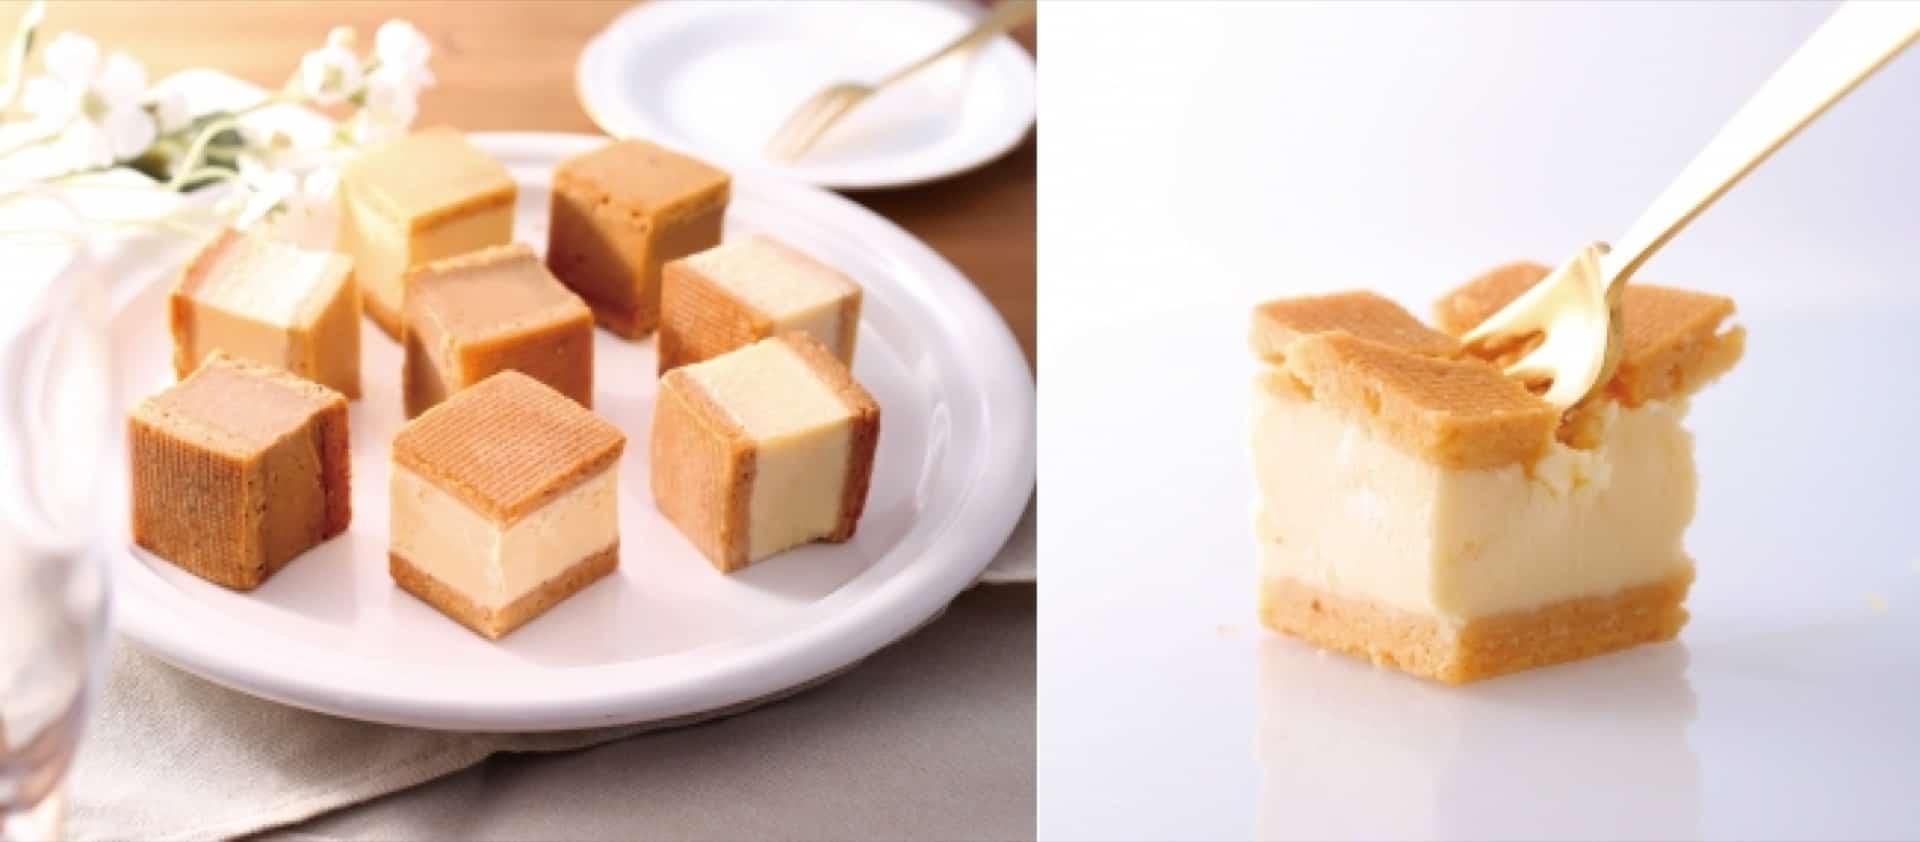 アンテノール神戸そごう店限定!2口サイズのチーズケーキが新登場。神戸みやげにもぴったり